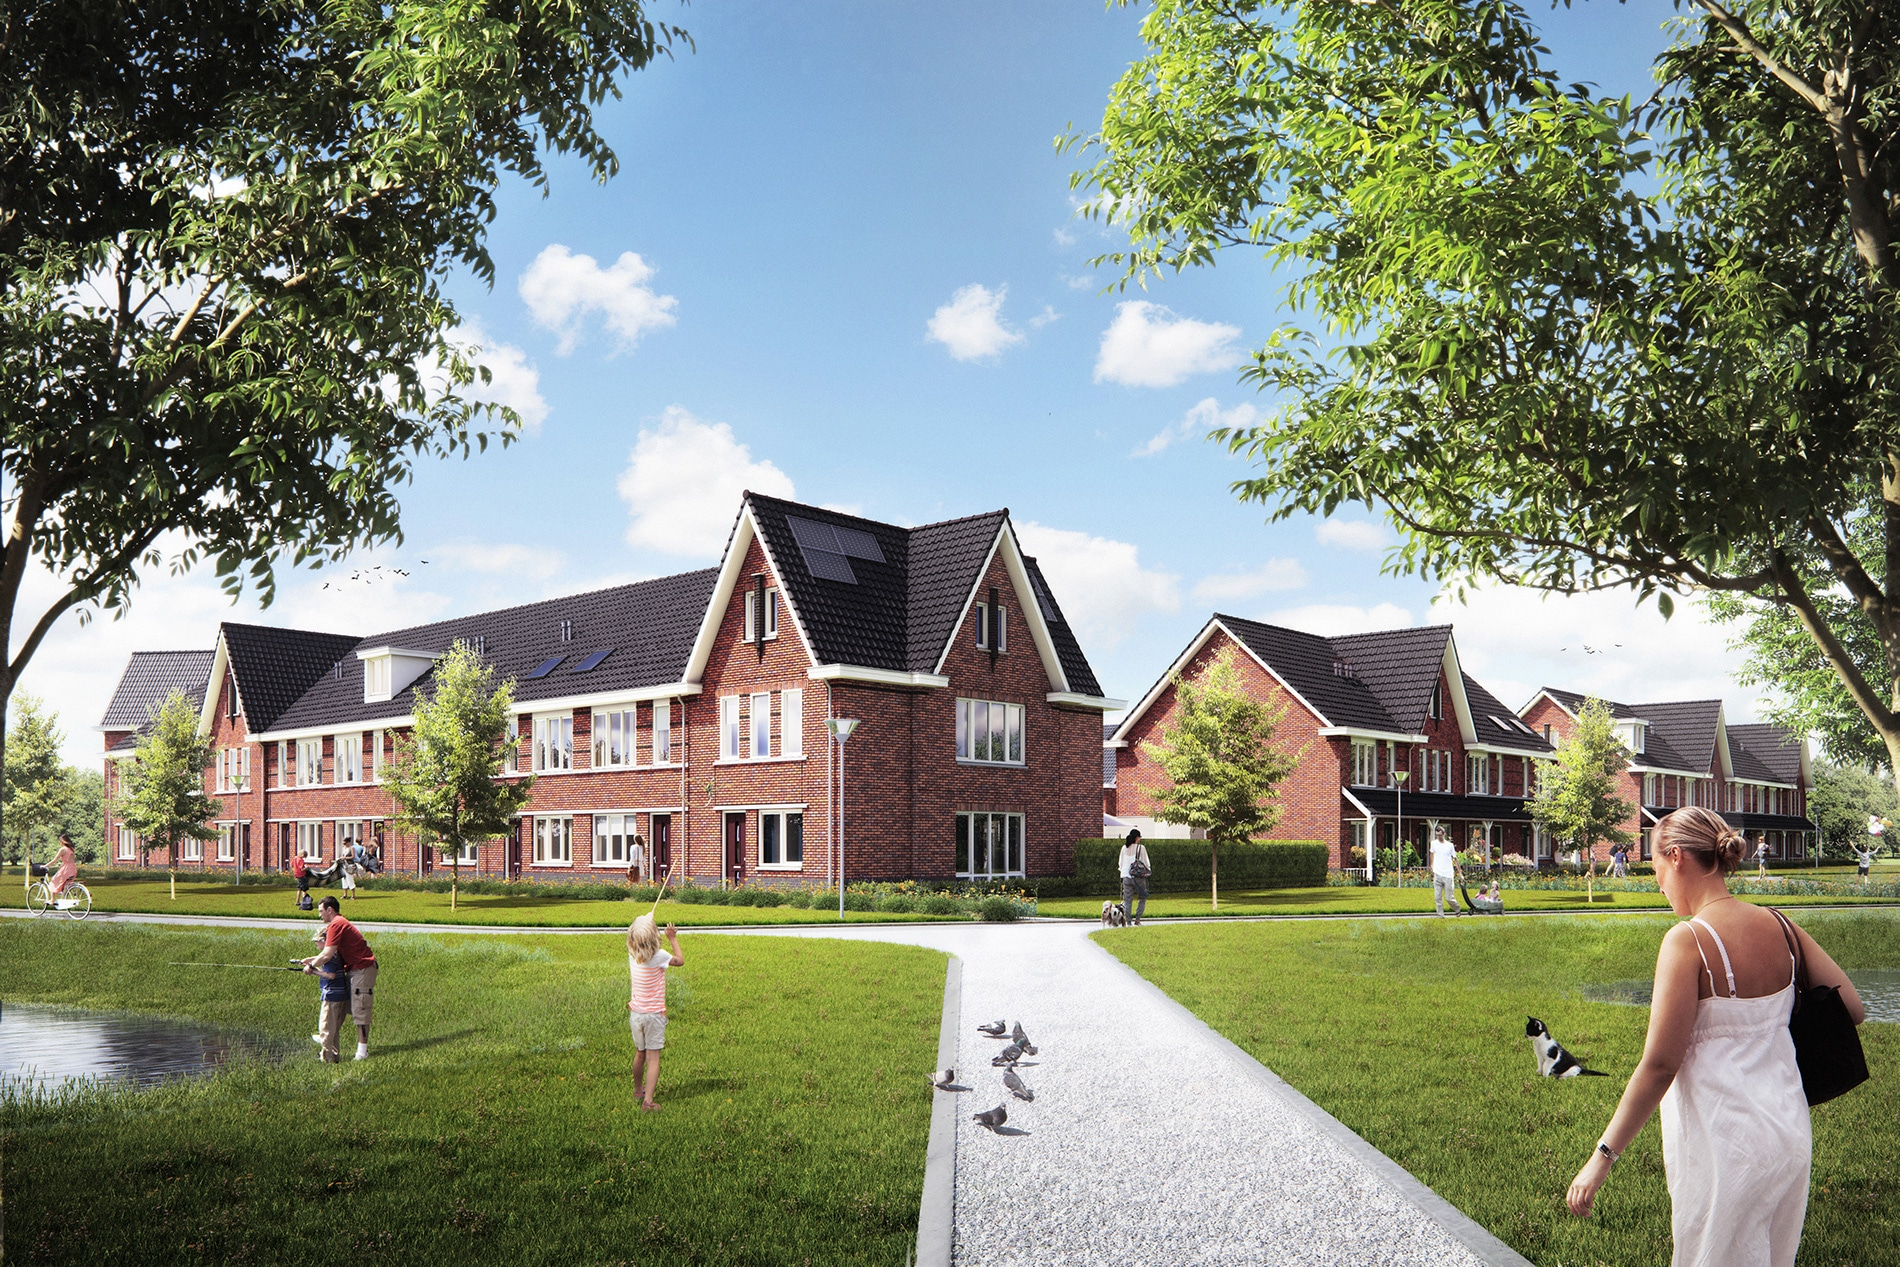 Gietvloer nieuwbouw park 100 Het gaat er alleen nog maar om welk type gietvloer het meest ideaal is om te wonen in een schitterend huis in Park100.